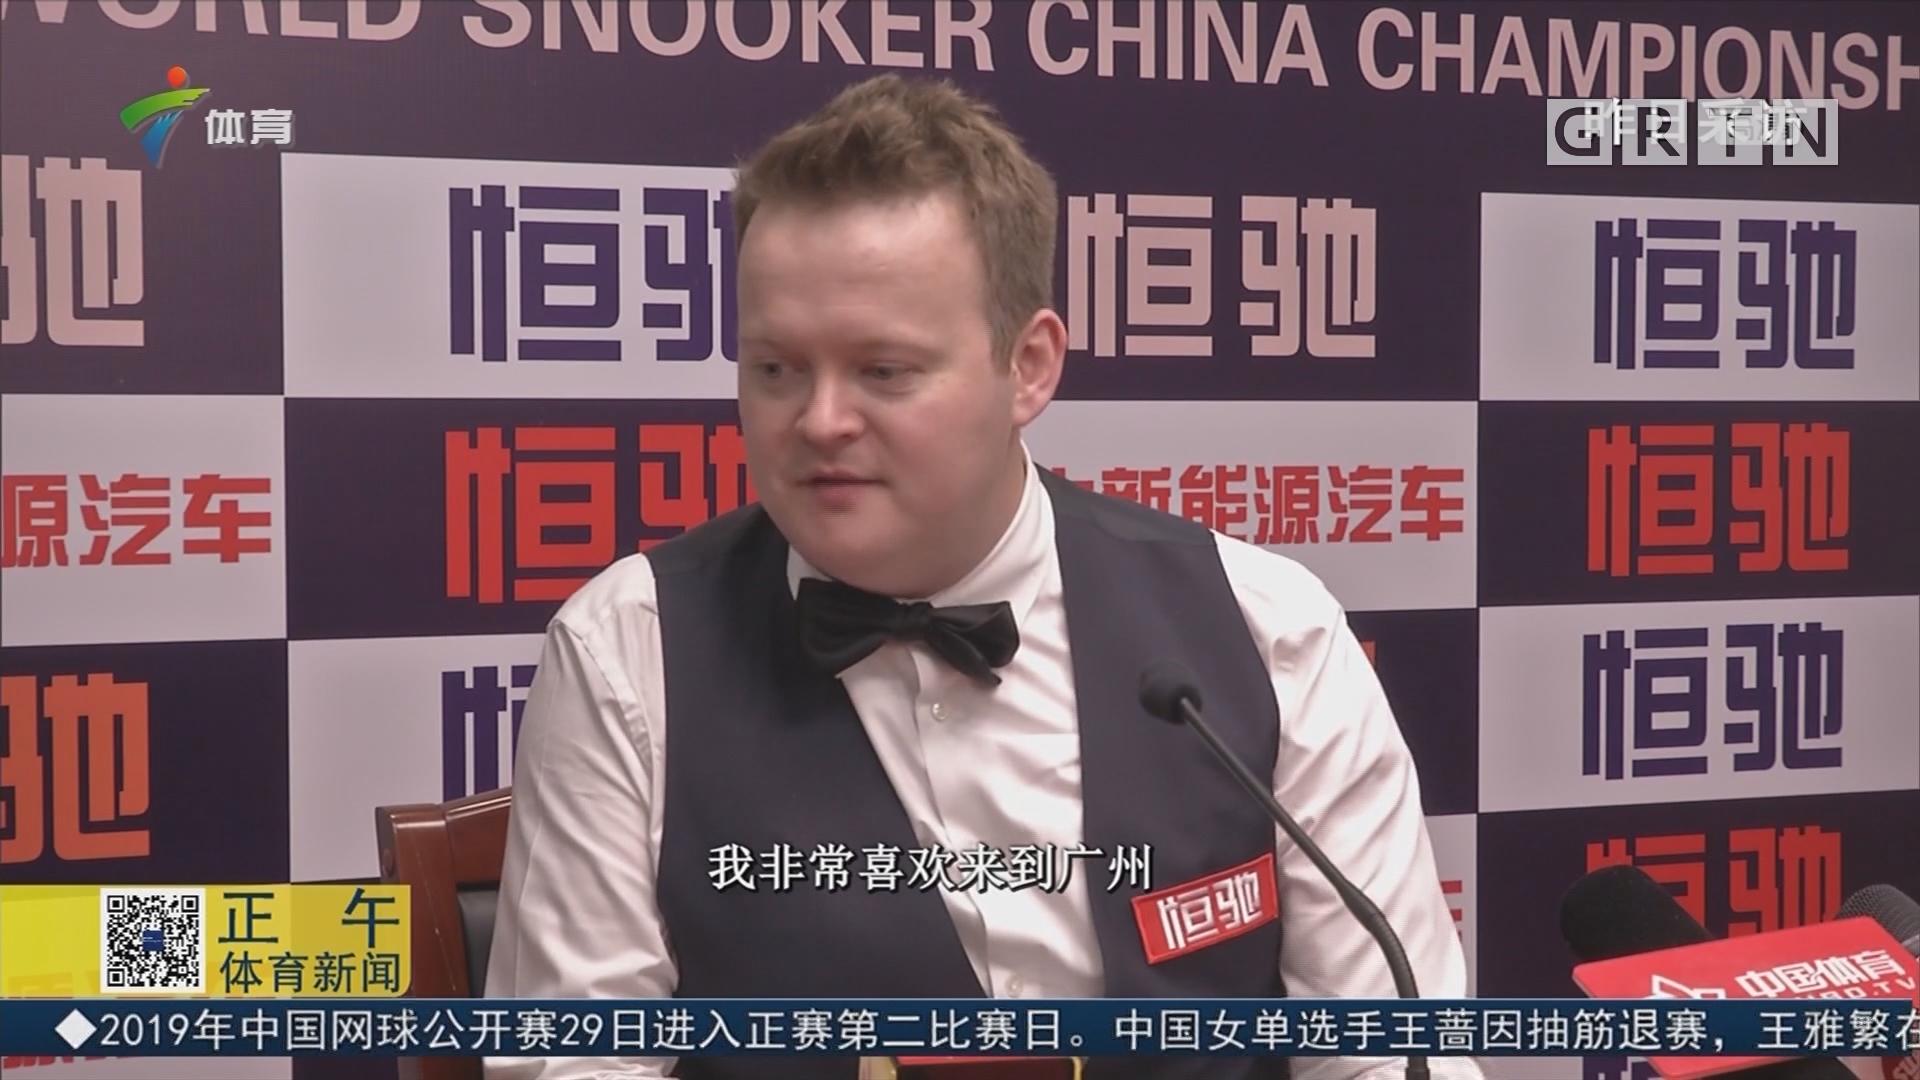 斯诺克中国锦标赛圆满结束 肖恩·墨菲捧杯